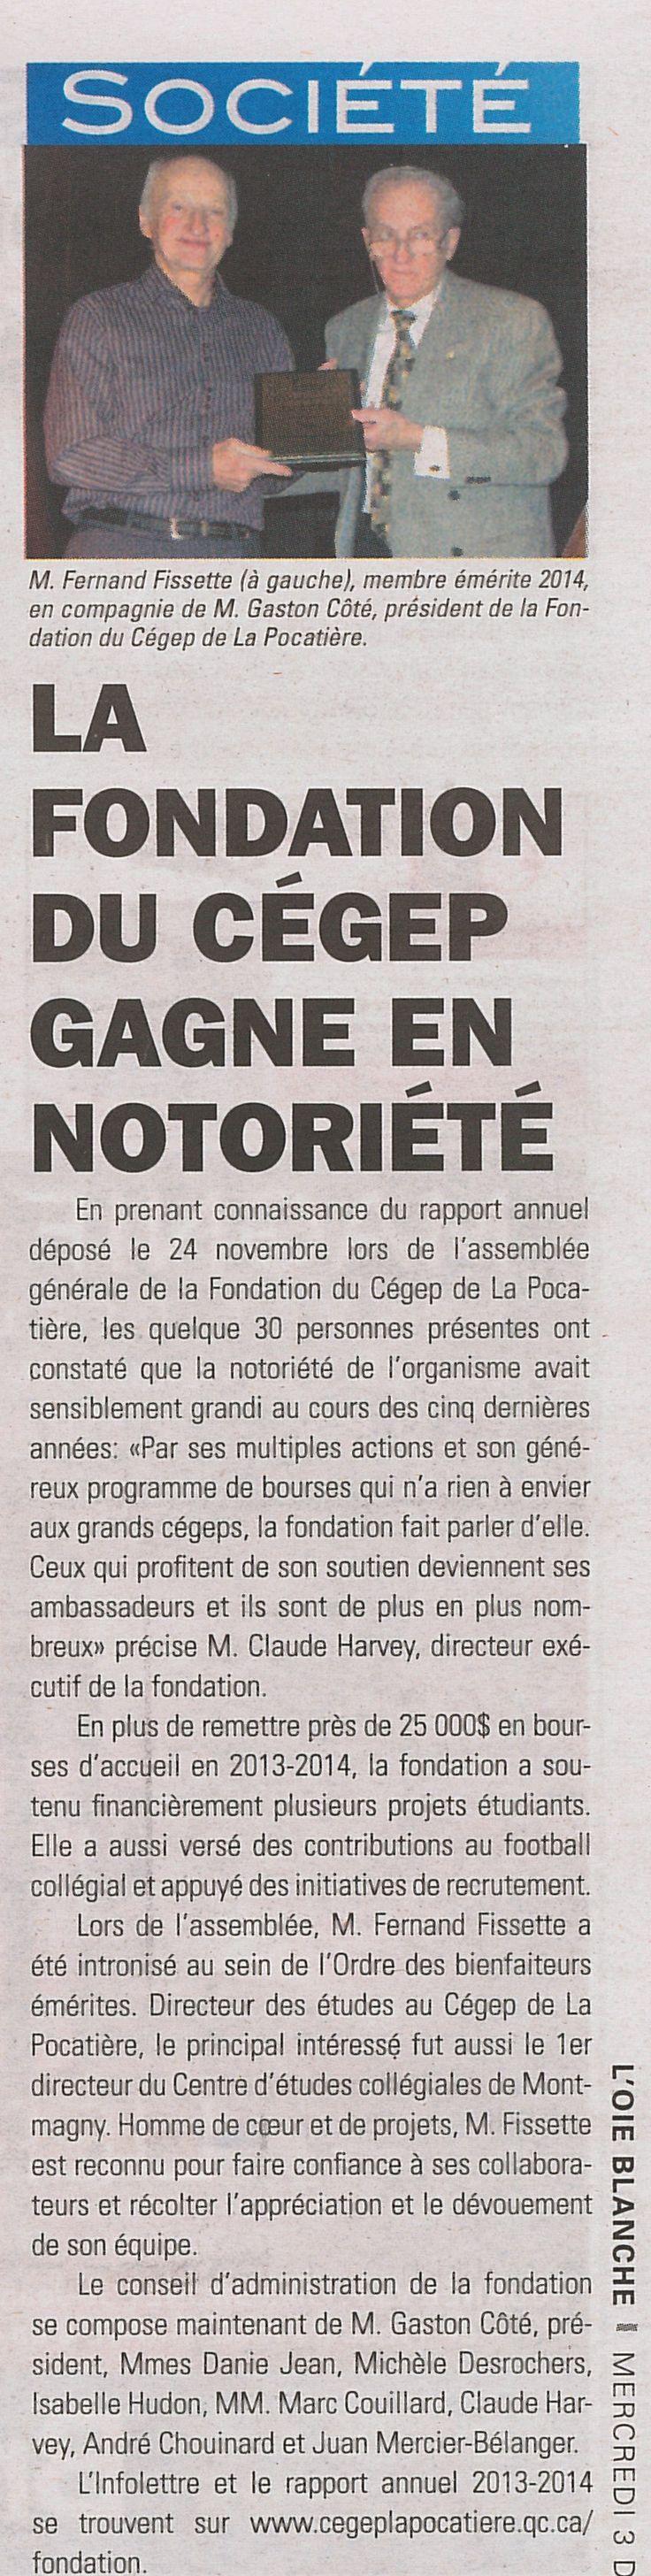 L'Oie blanche - 3 décembre 2014 (p. 13)